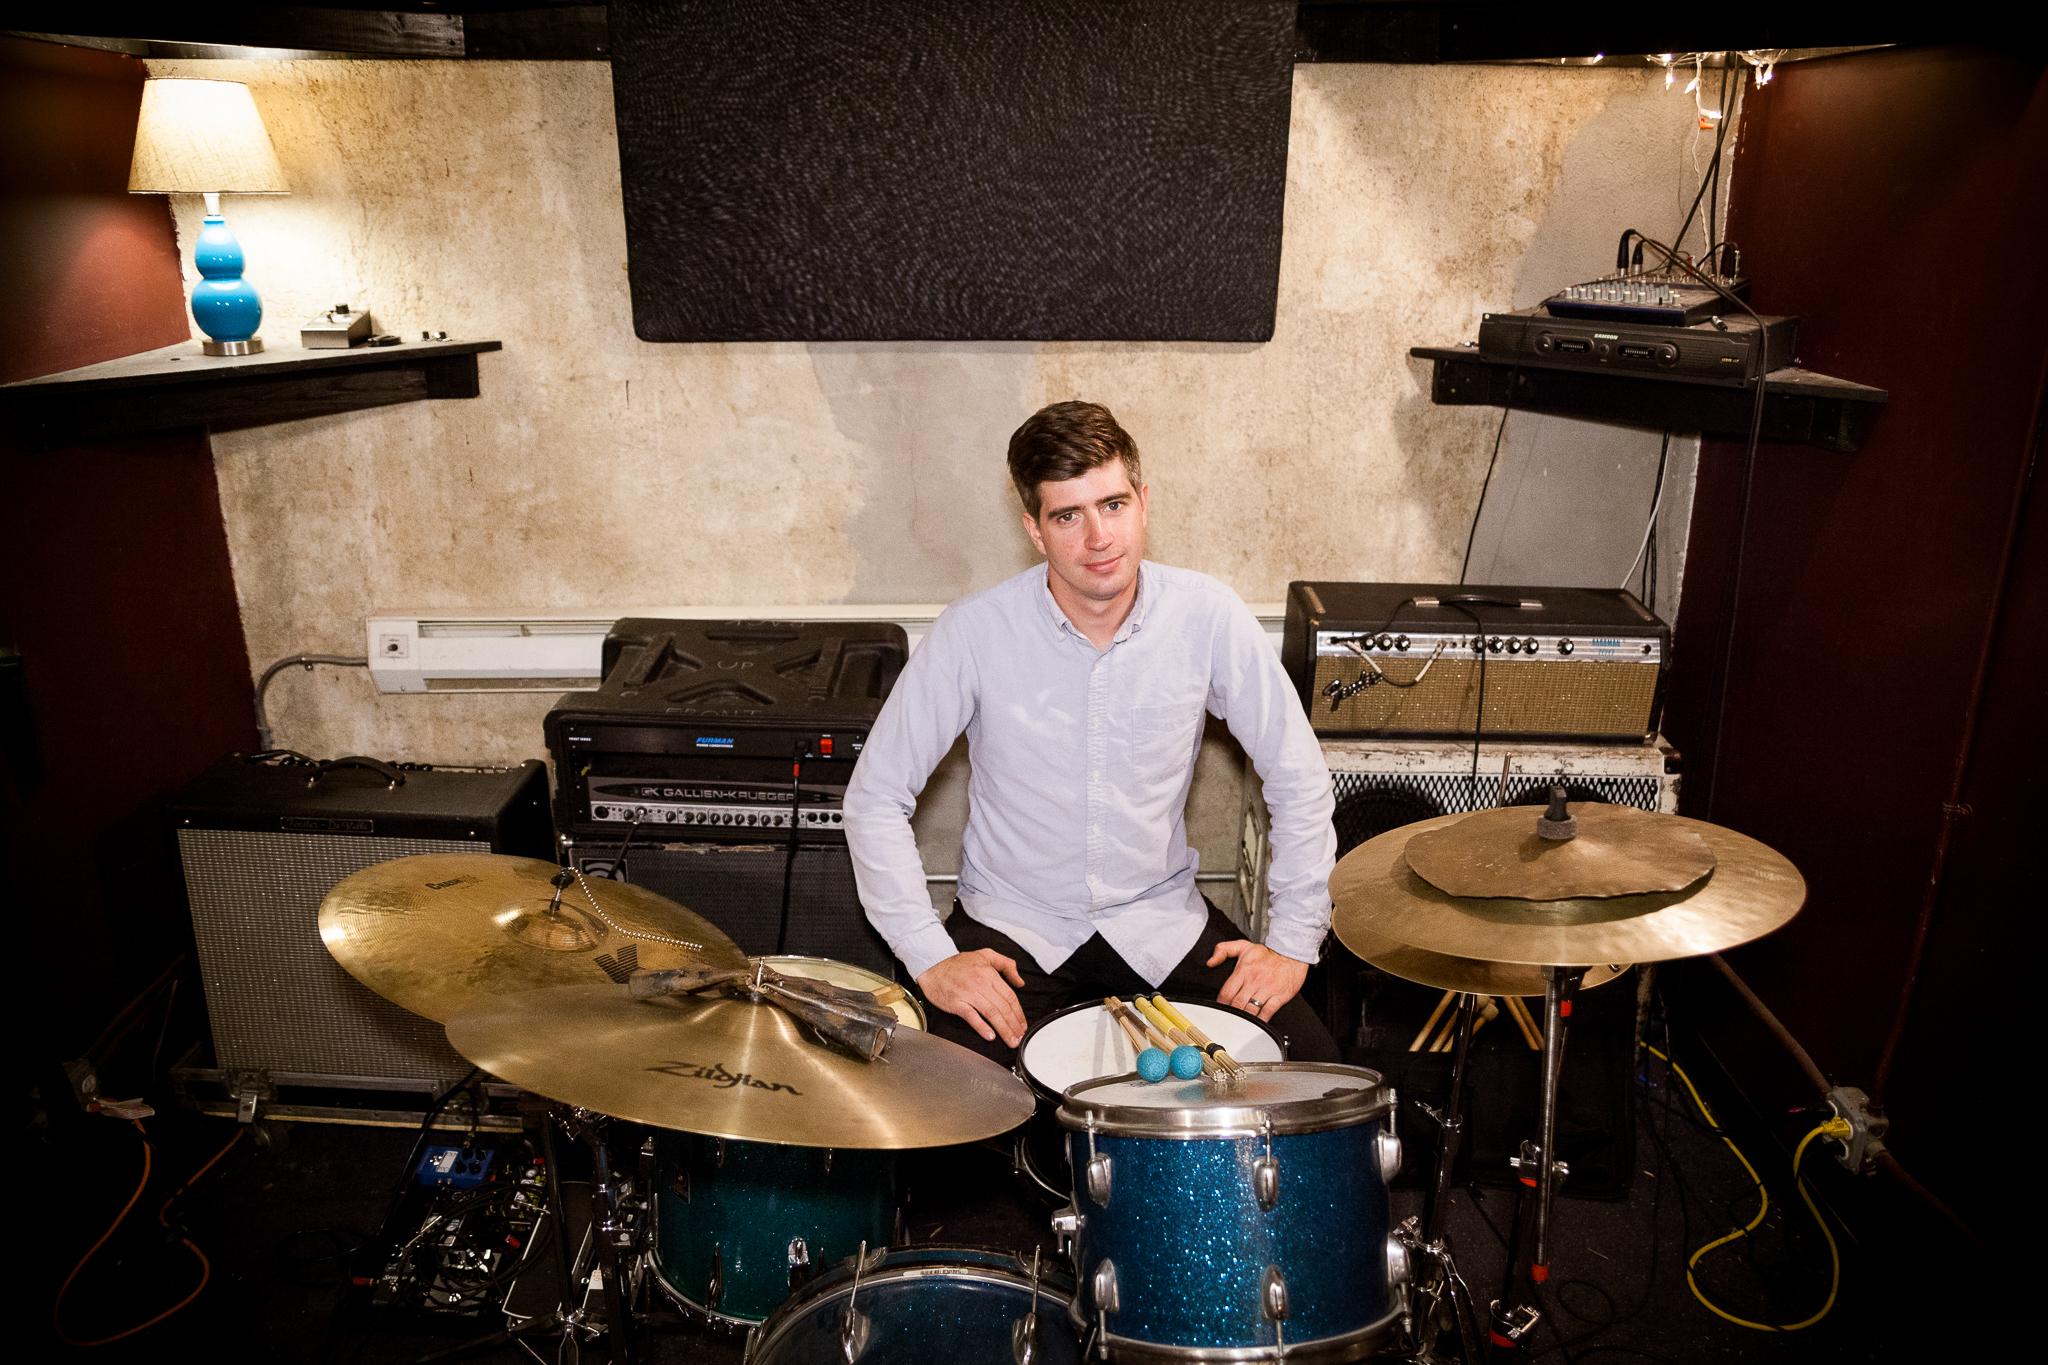 camuglia_frederick-trumpy_nyc-drums_0075_WEB.jpg